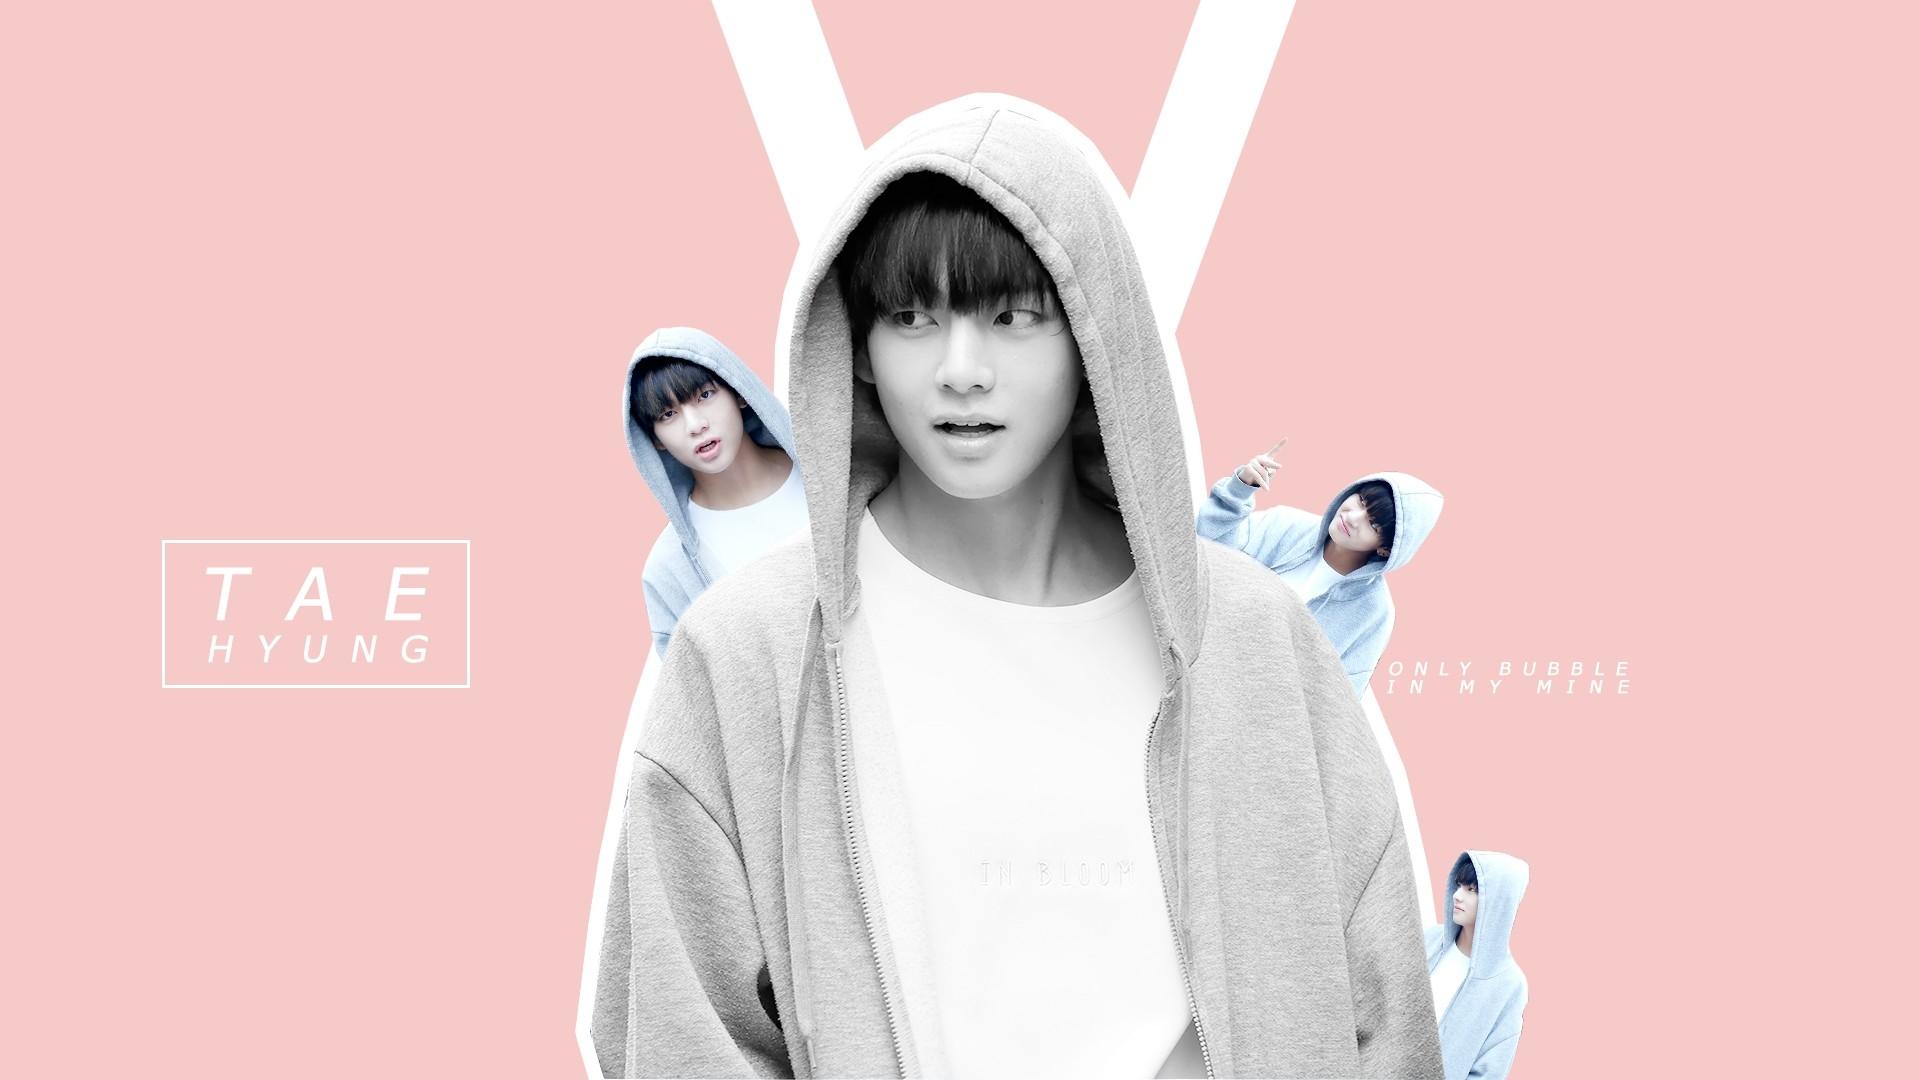 Taehyung Free Wallpaper